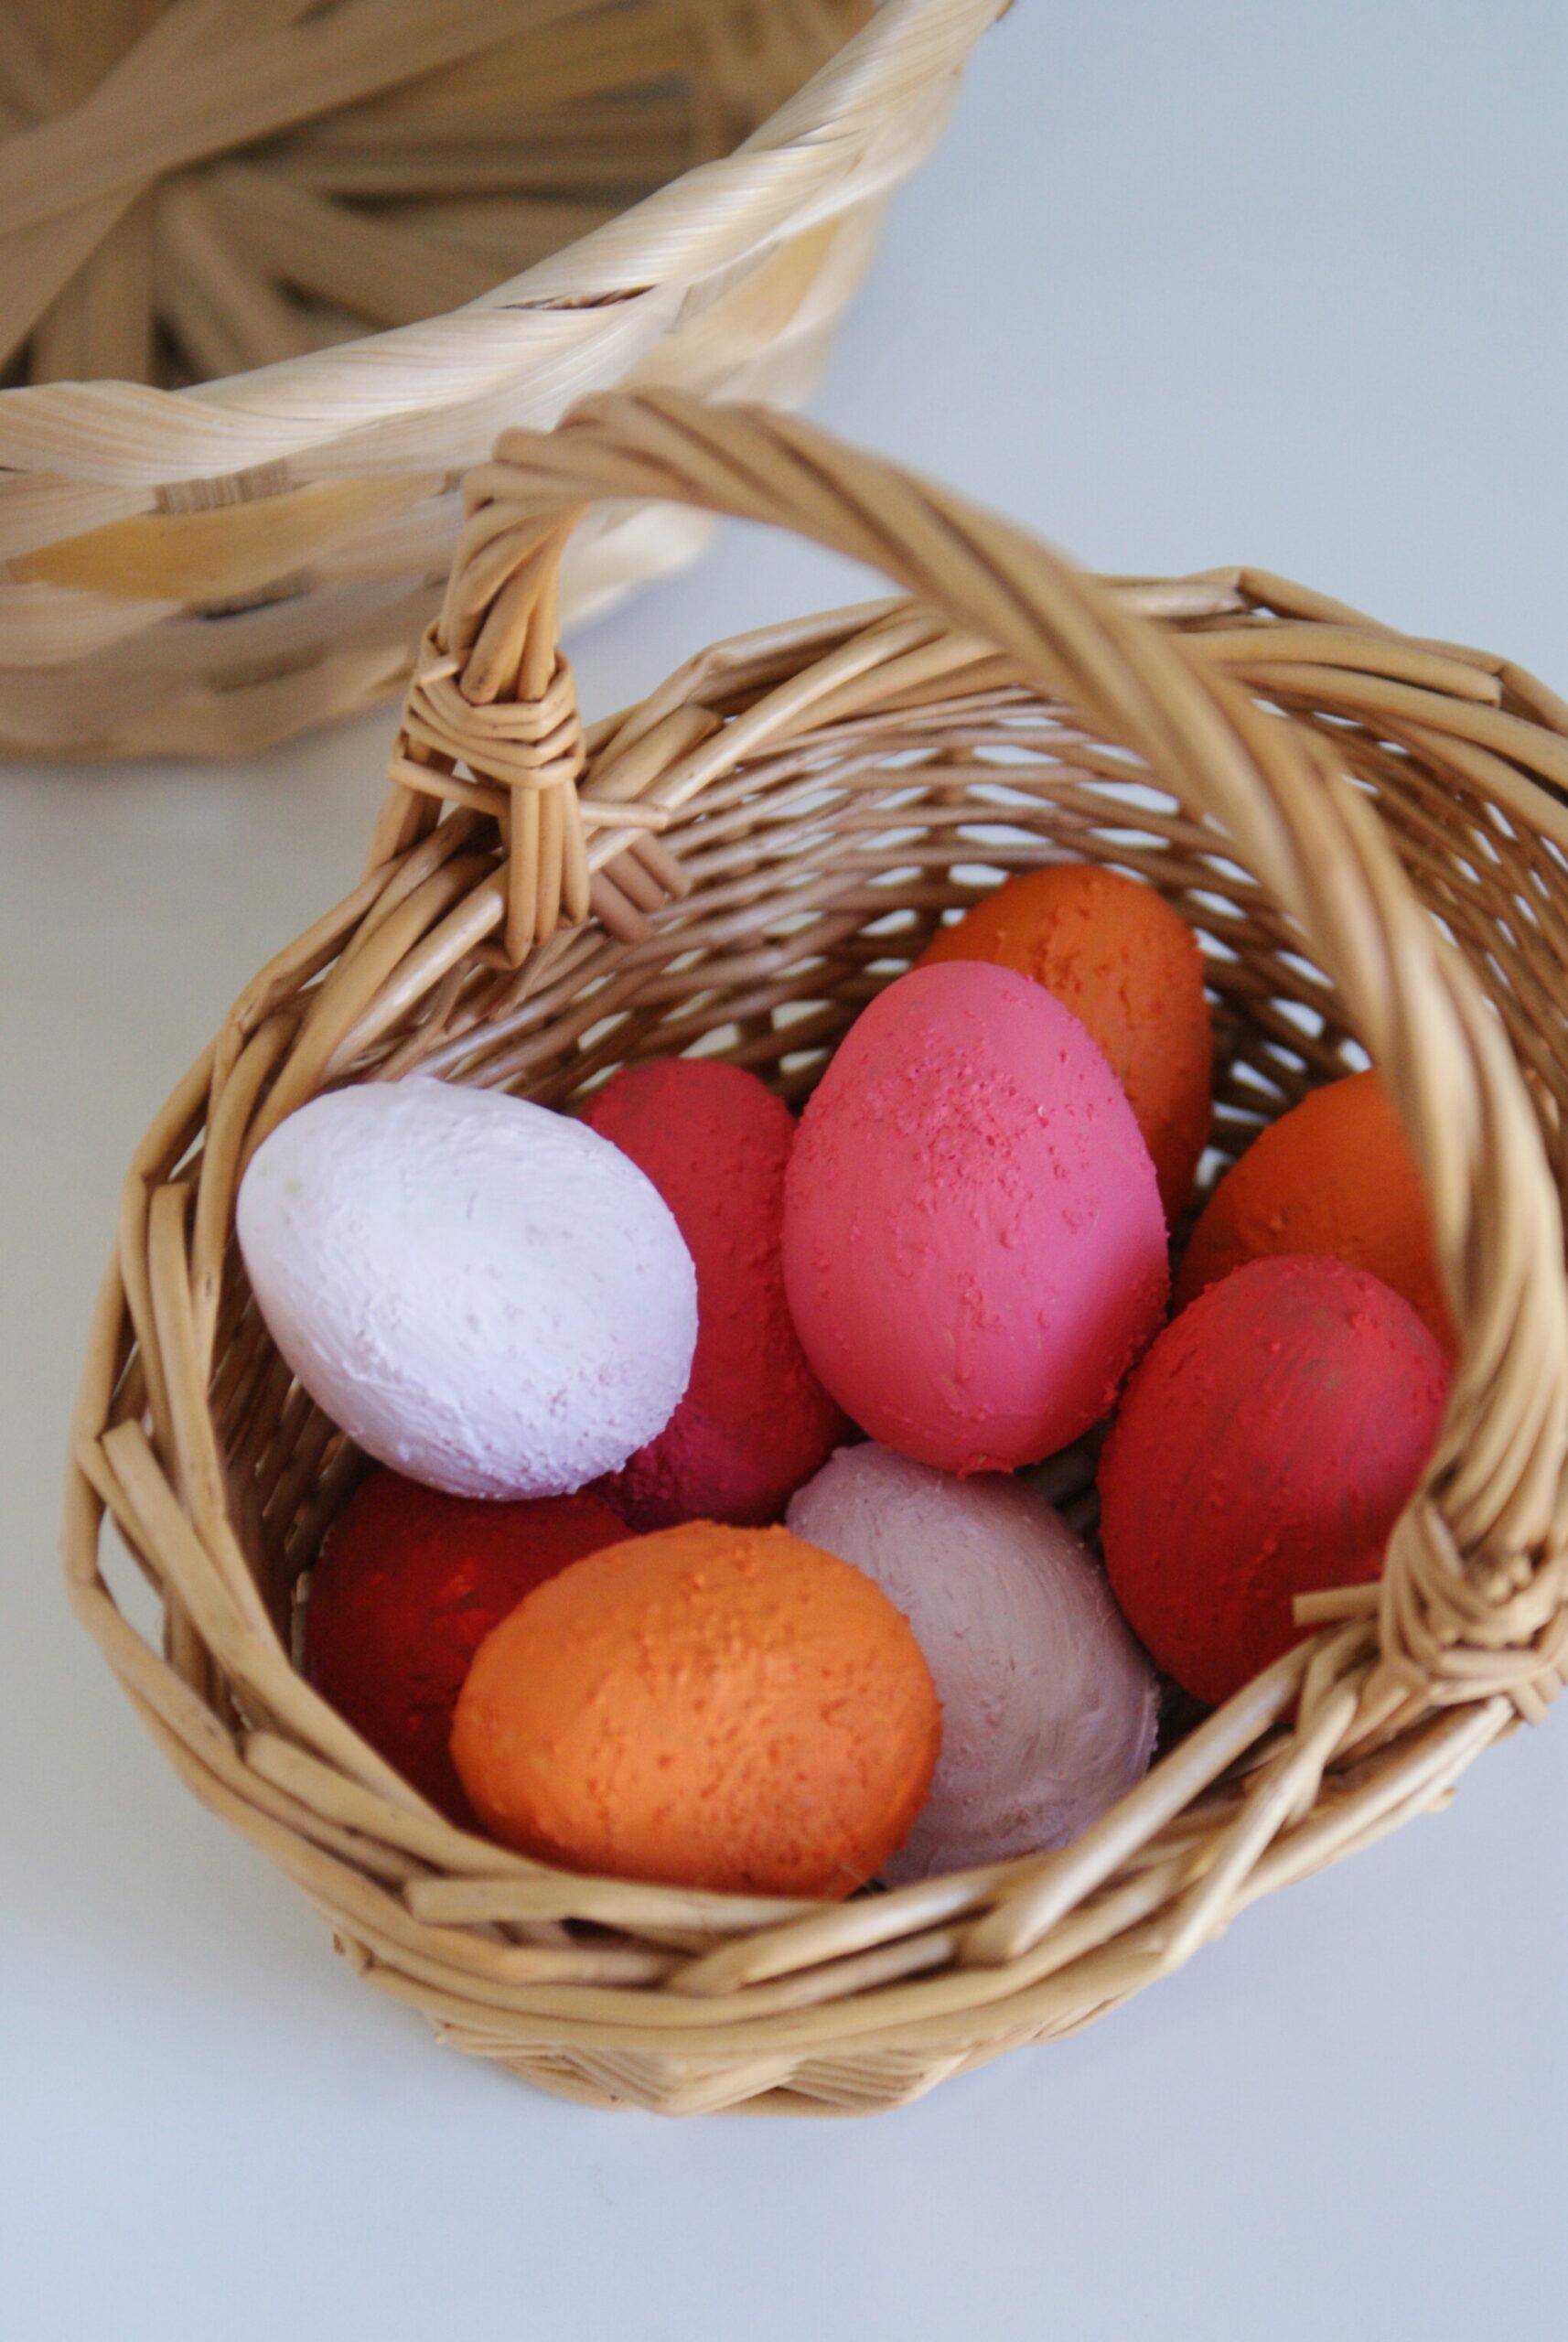 uova pasqua terracotta vernice effetto fai da te idee last minute veloci facili materiali casa francinesplaceblog